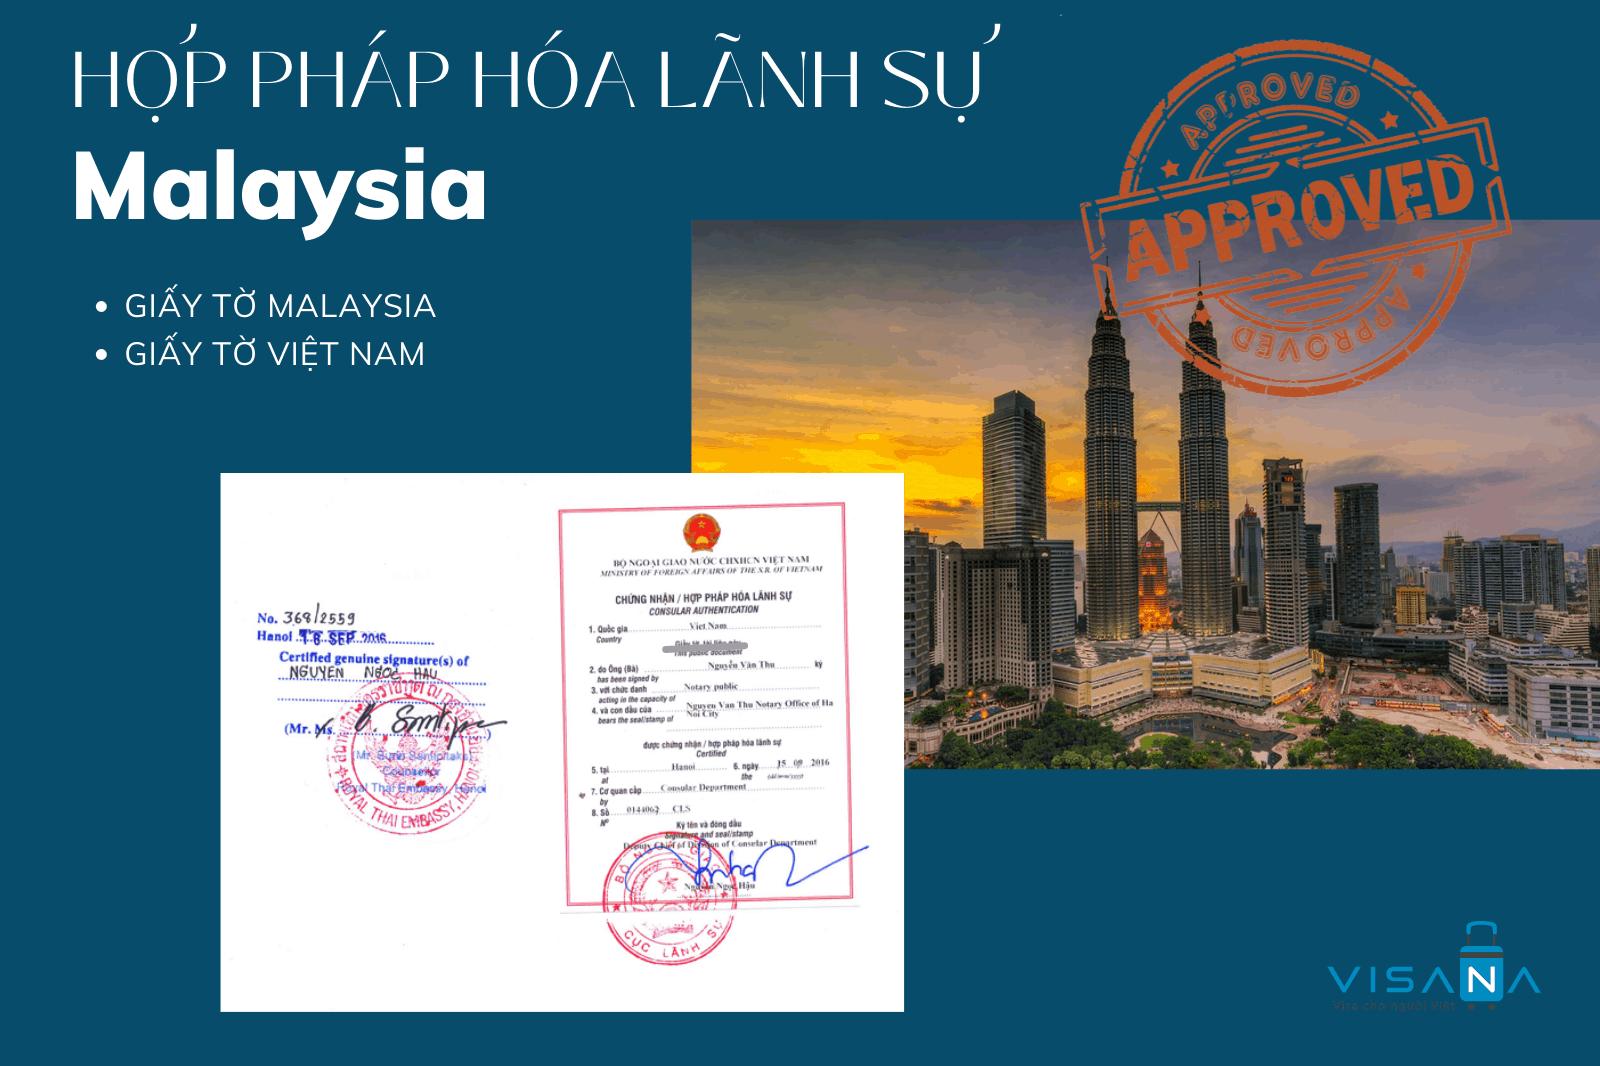 Hợp pháp hóa lãnh sự Malaysia